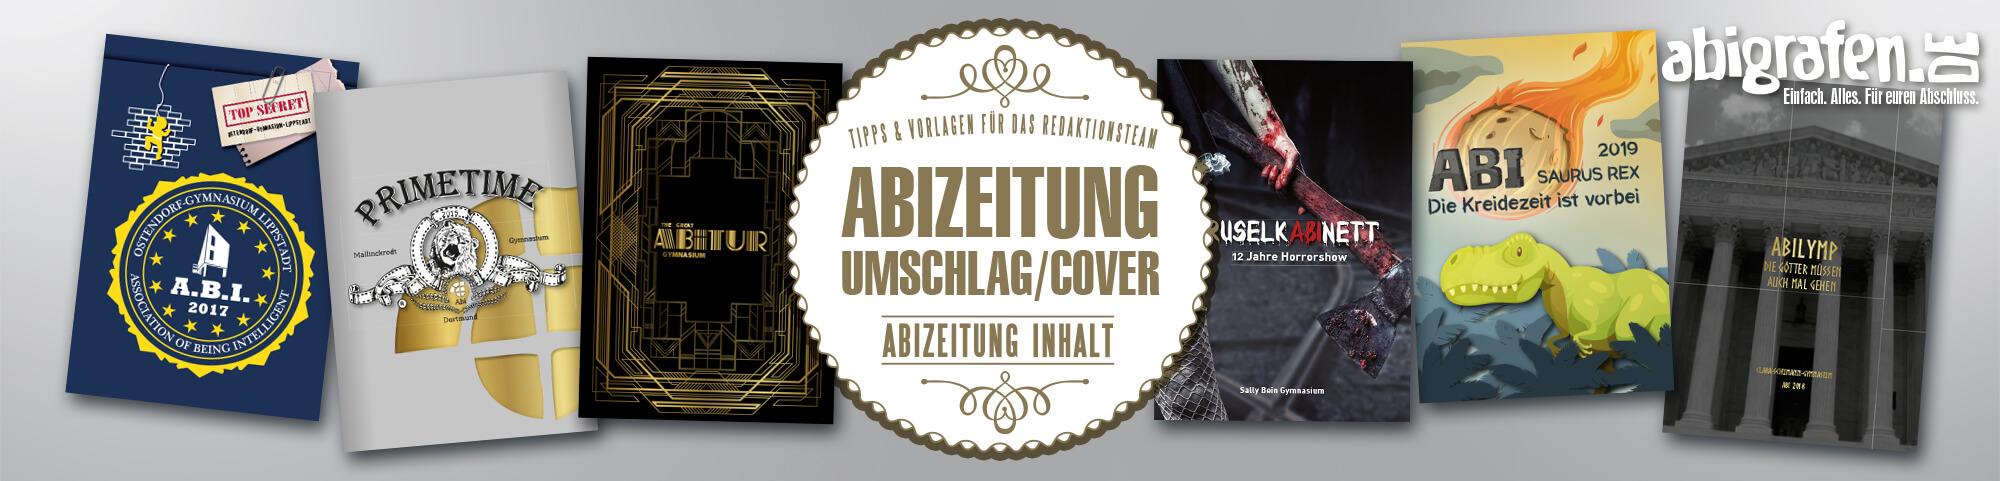 Ideen & Beispiele für das Cover von Abizeitung/Abibuch (Umschlaggestaltung)